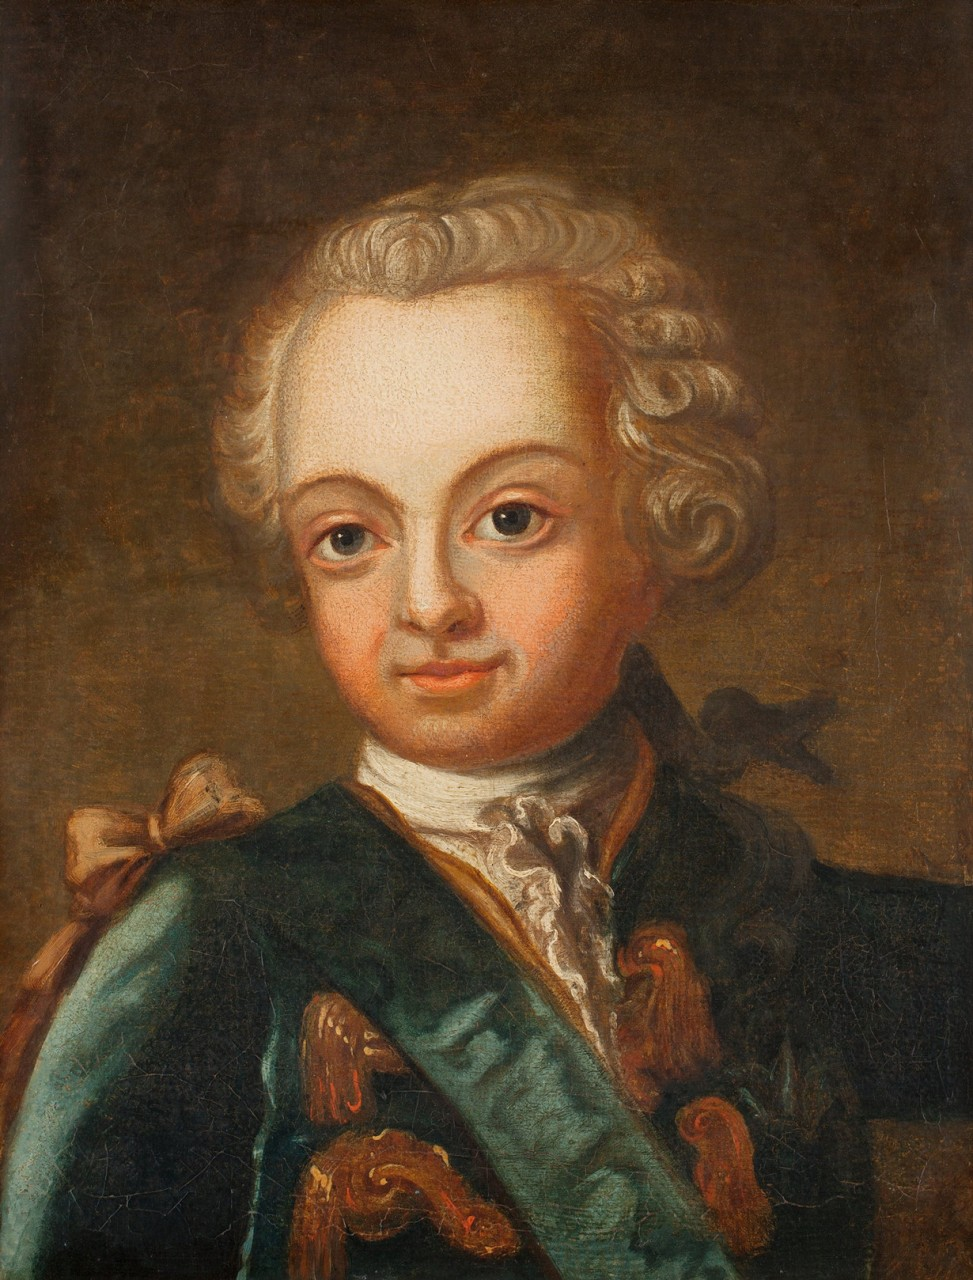 16. Шведский король Густав III приказал провести эксперимент по изучению влияния кофе на организм человека факты, швеция